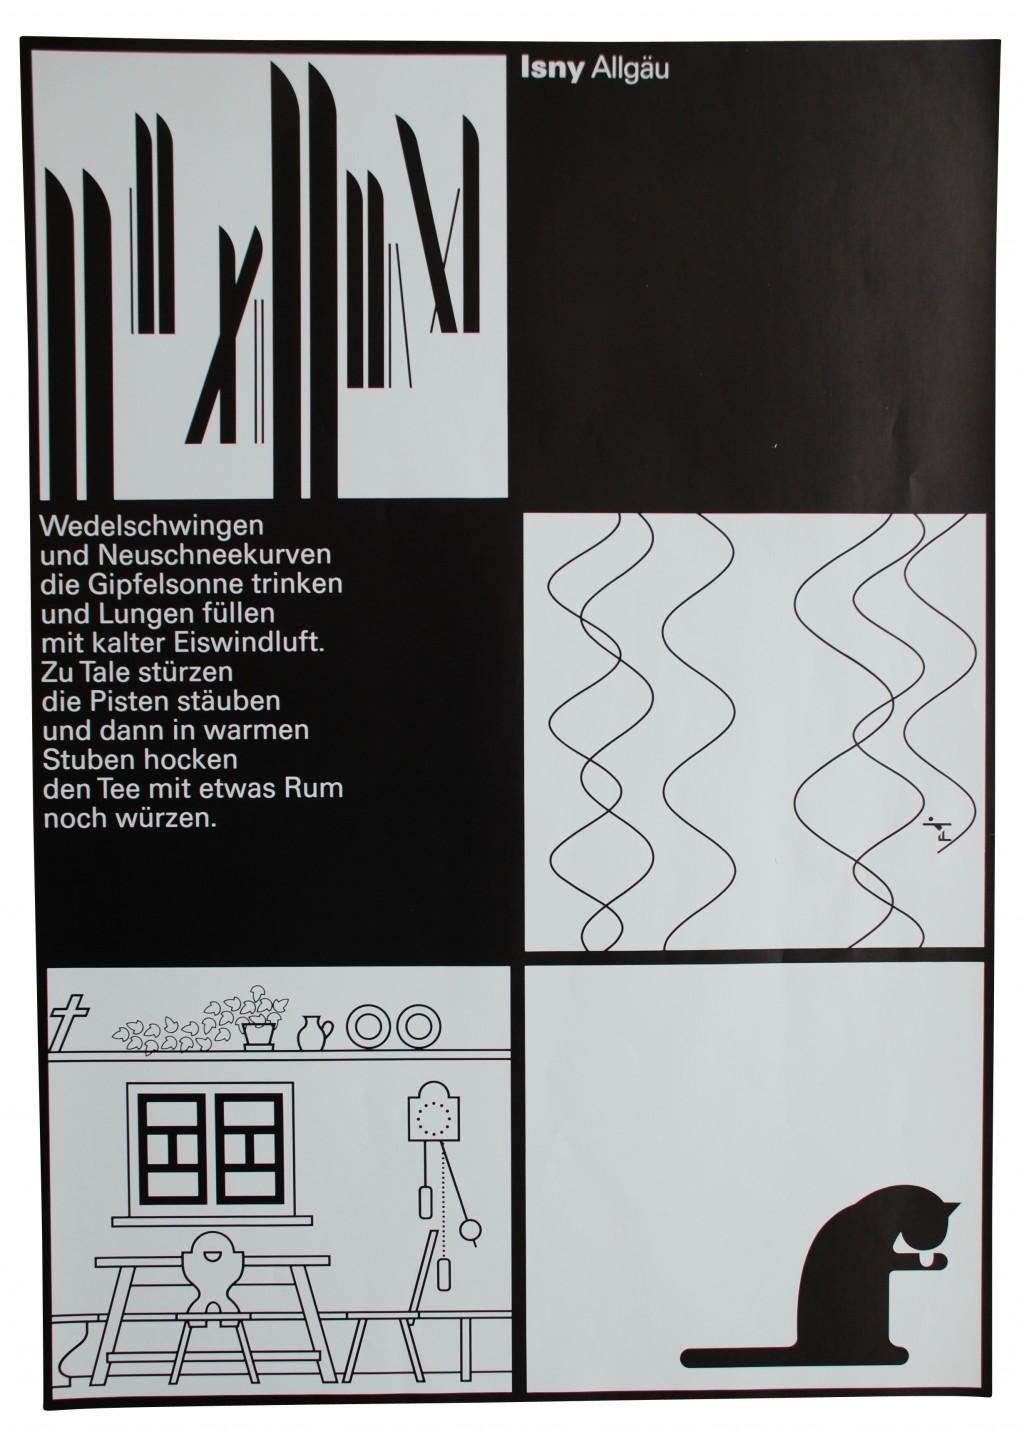 Künstlerplakat 'Isny Allgäu', Otl Aicher 1977